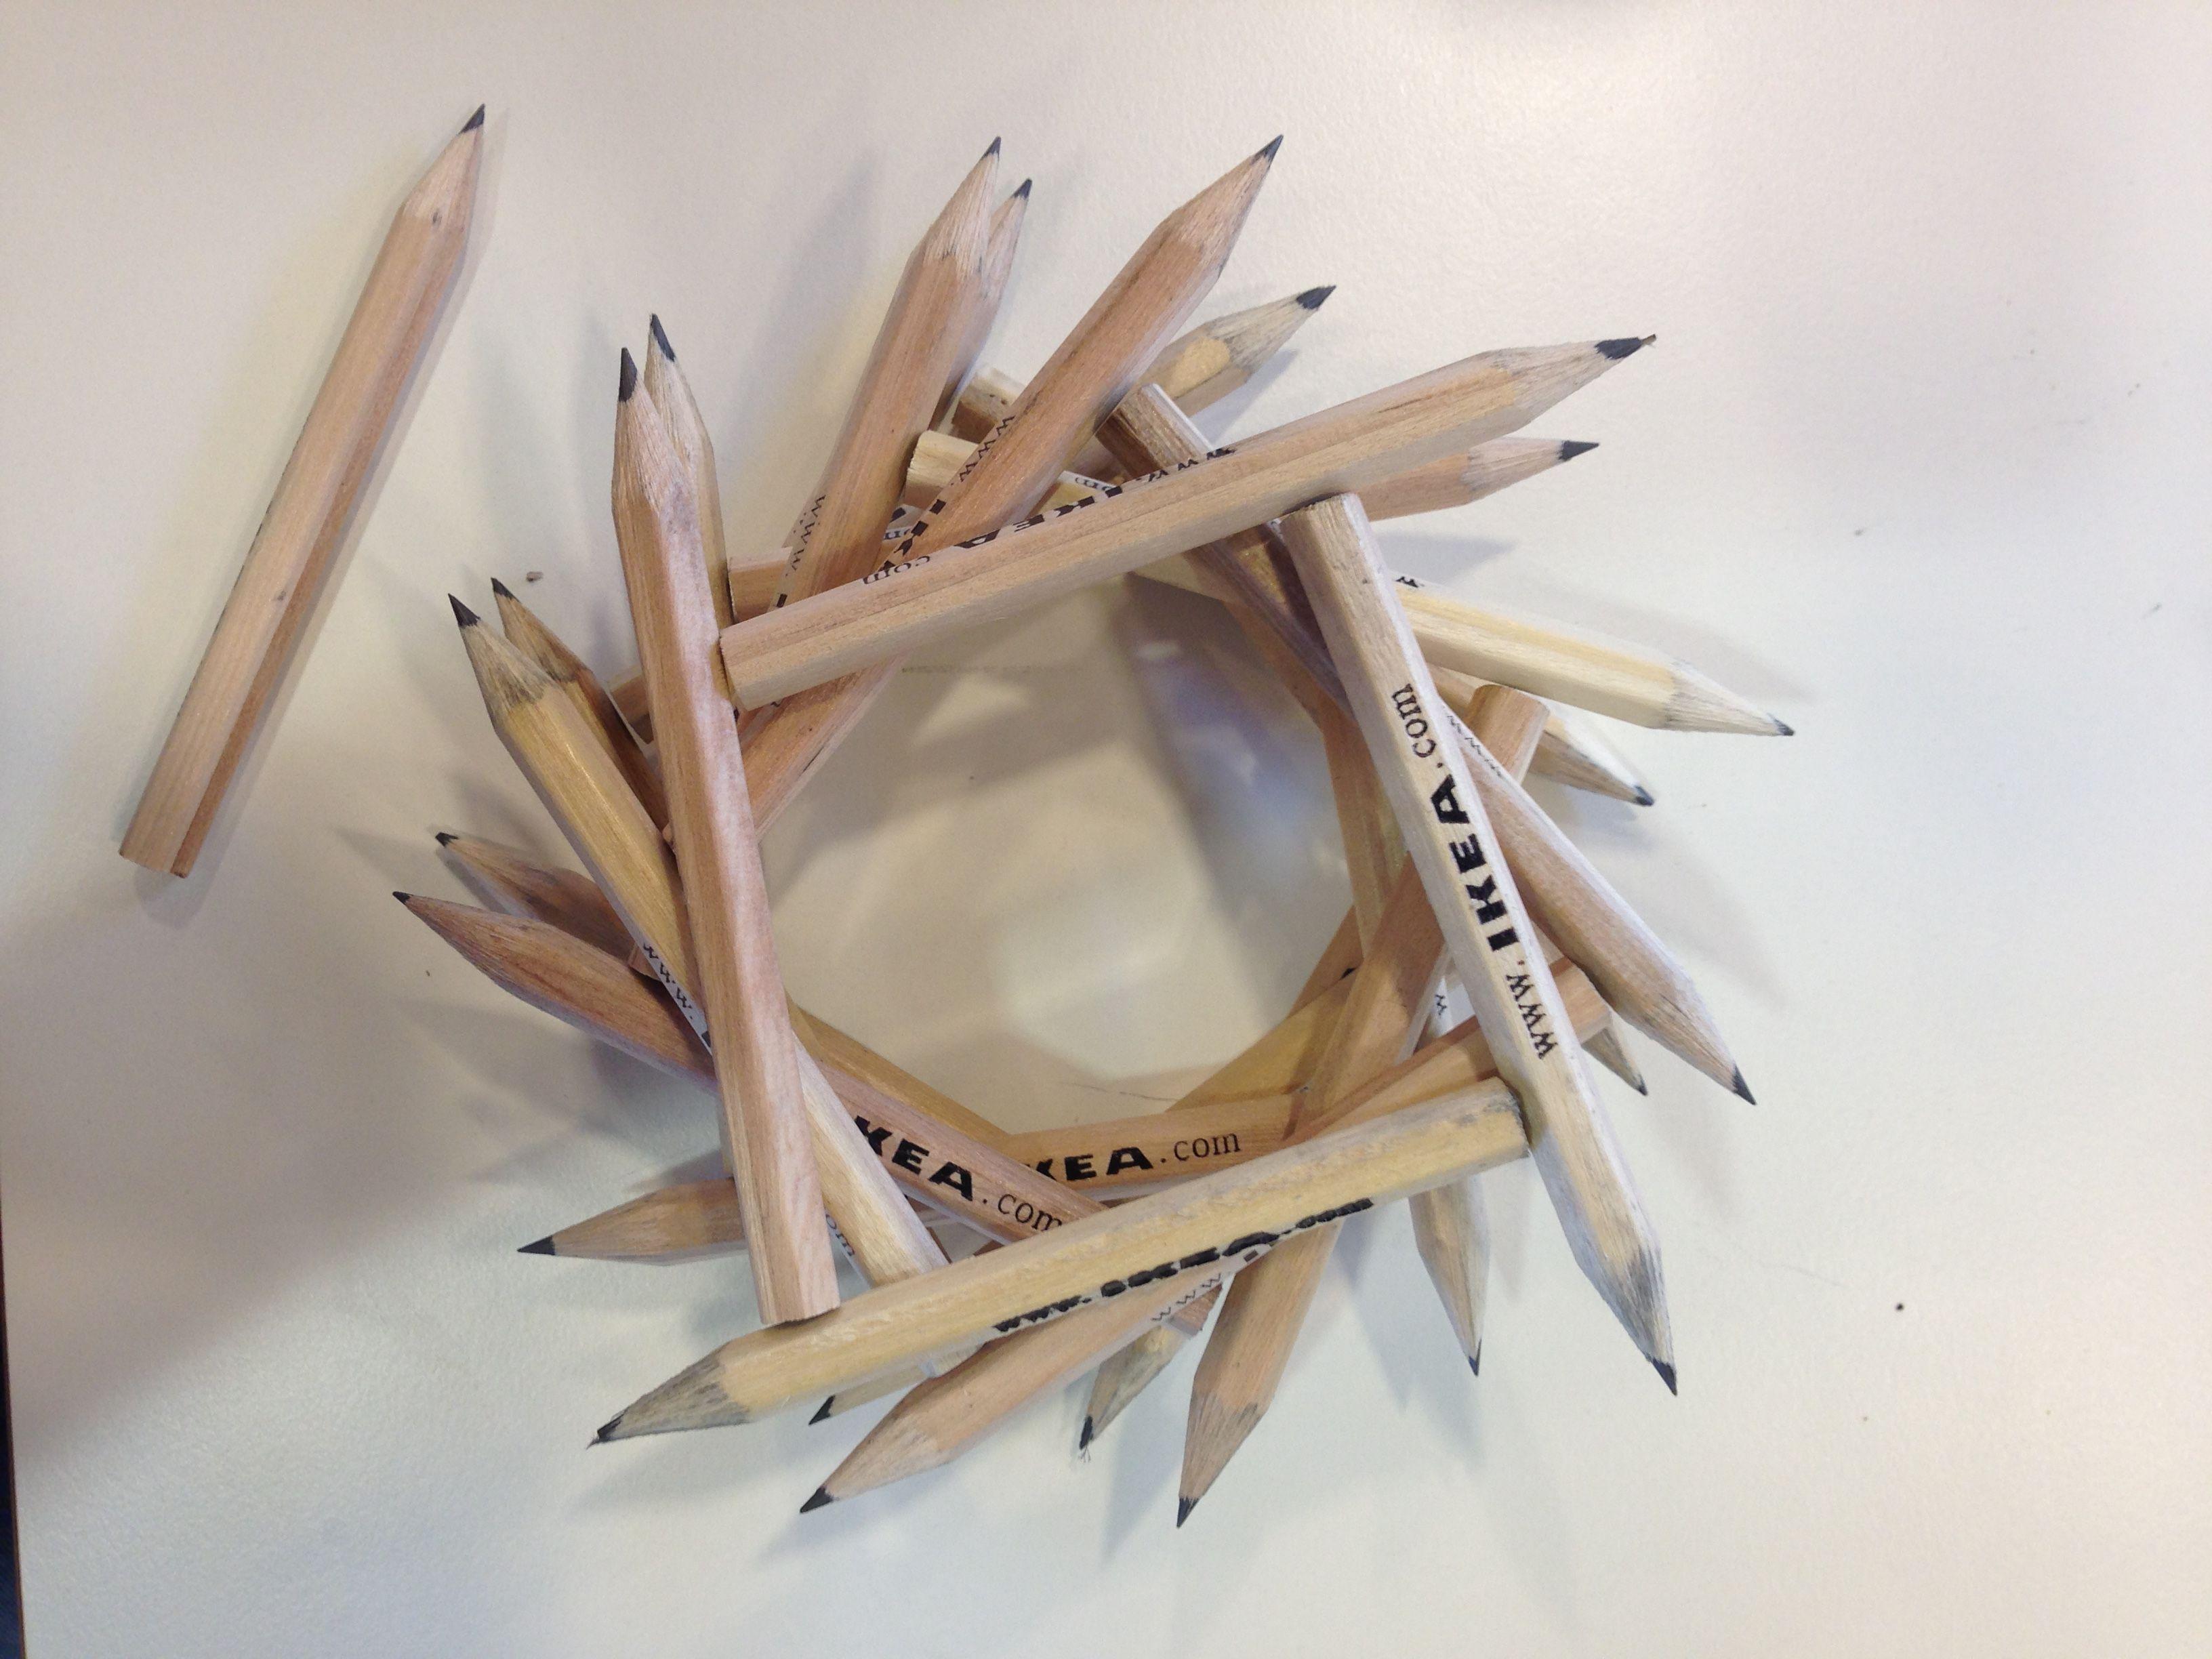 Карандашики икея, сложенные с изломом